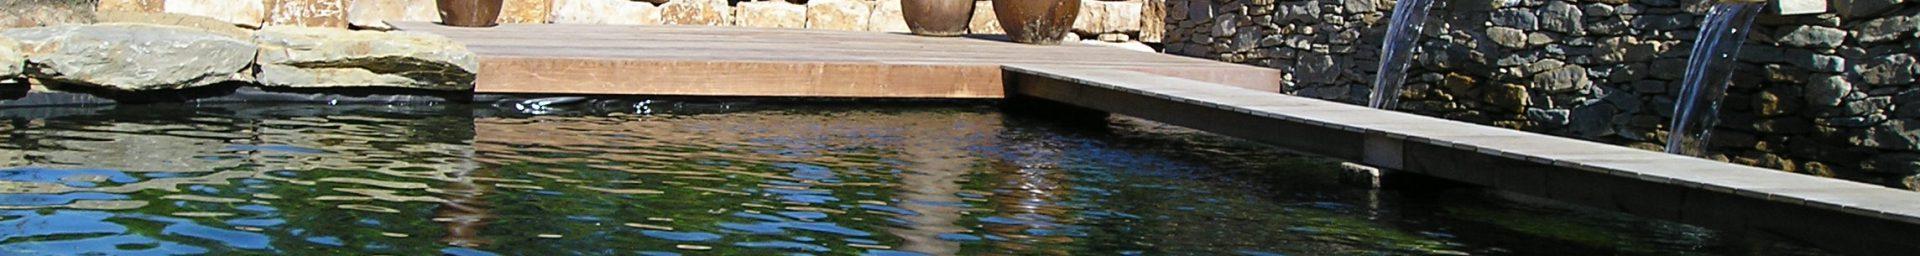 Étang de baignade près de St tropez